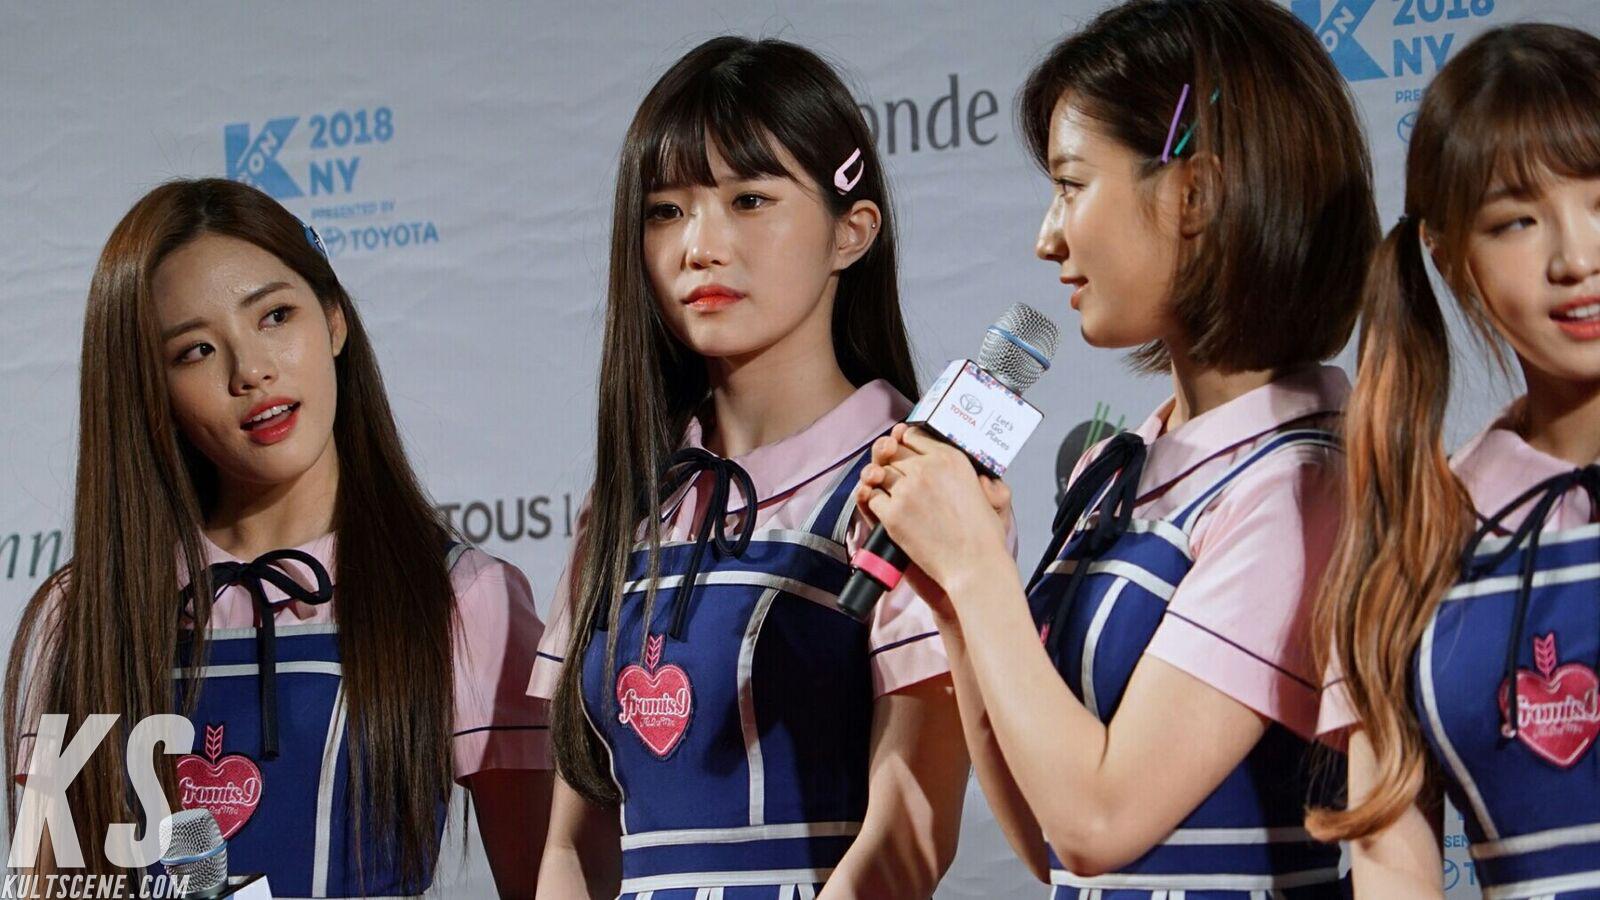 fromis_9 e at KCON 2018 NY